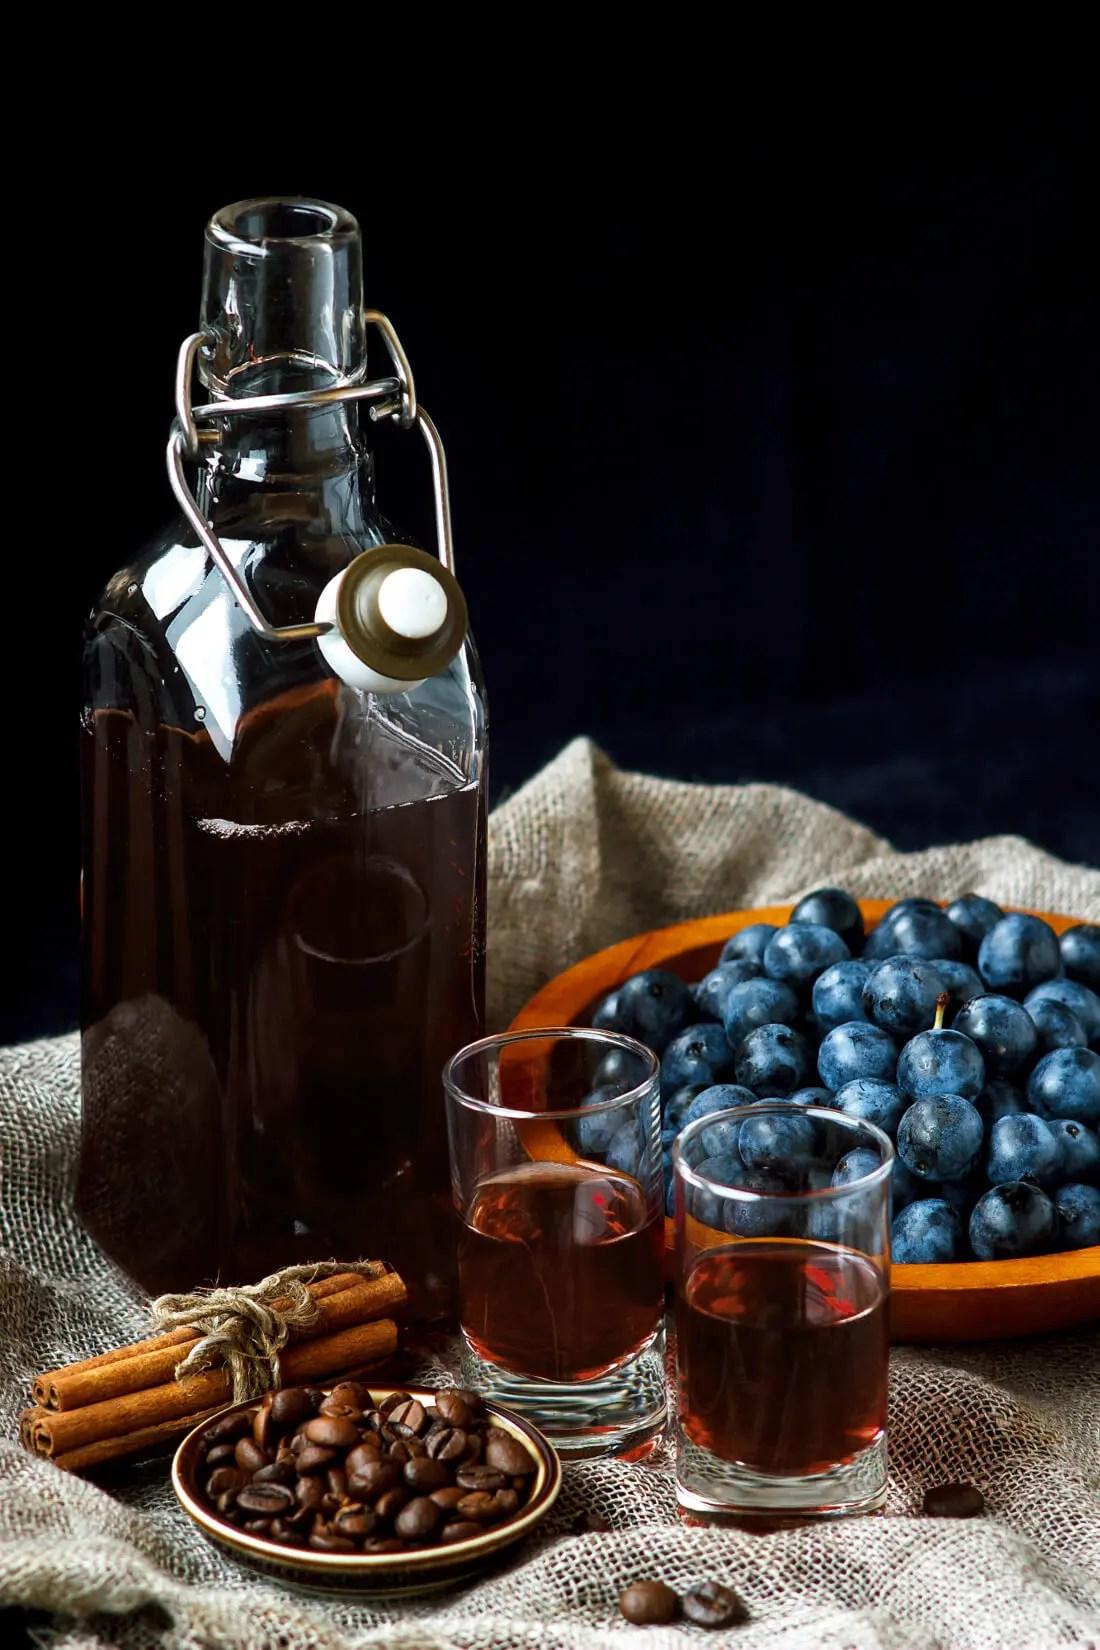 sloe-gin-adobestock_128877462